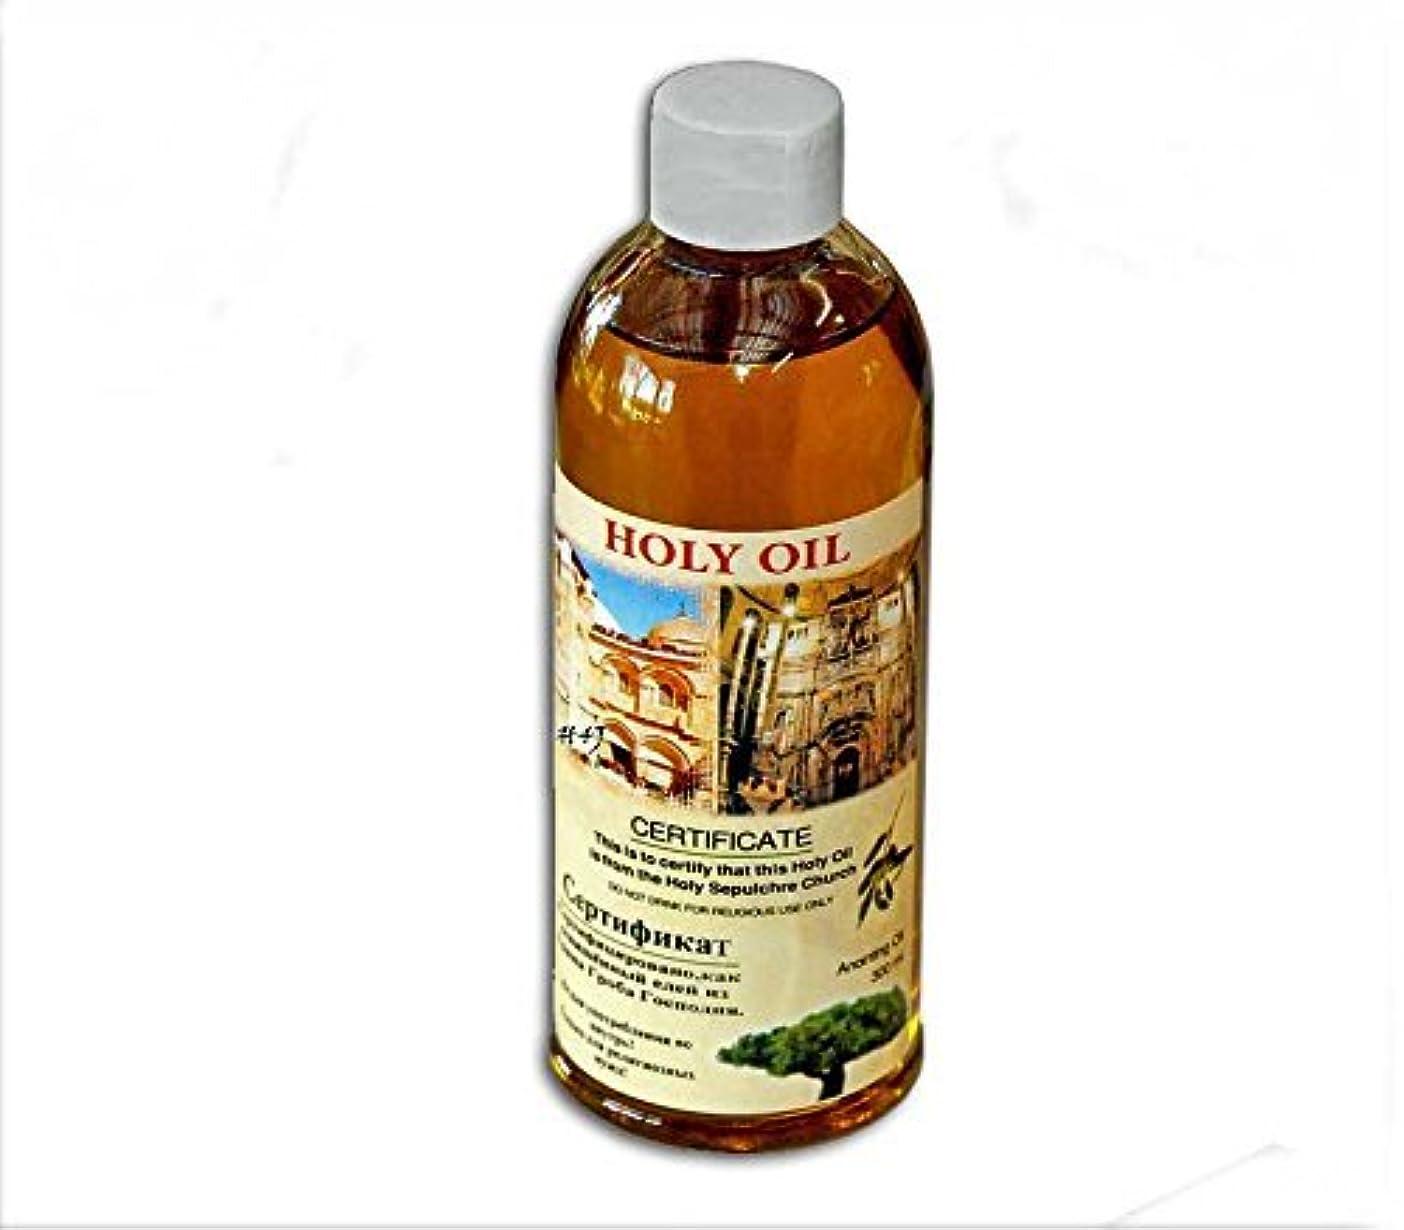 健康的受粉者前任者60 ml Holy Land AnointingオイルCertificated Blessed小さなボトルからエルサレムbyベツレヘムギフトTM